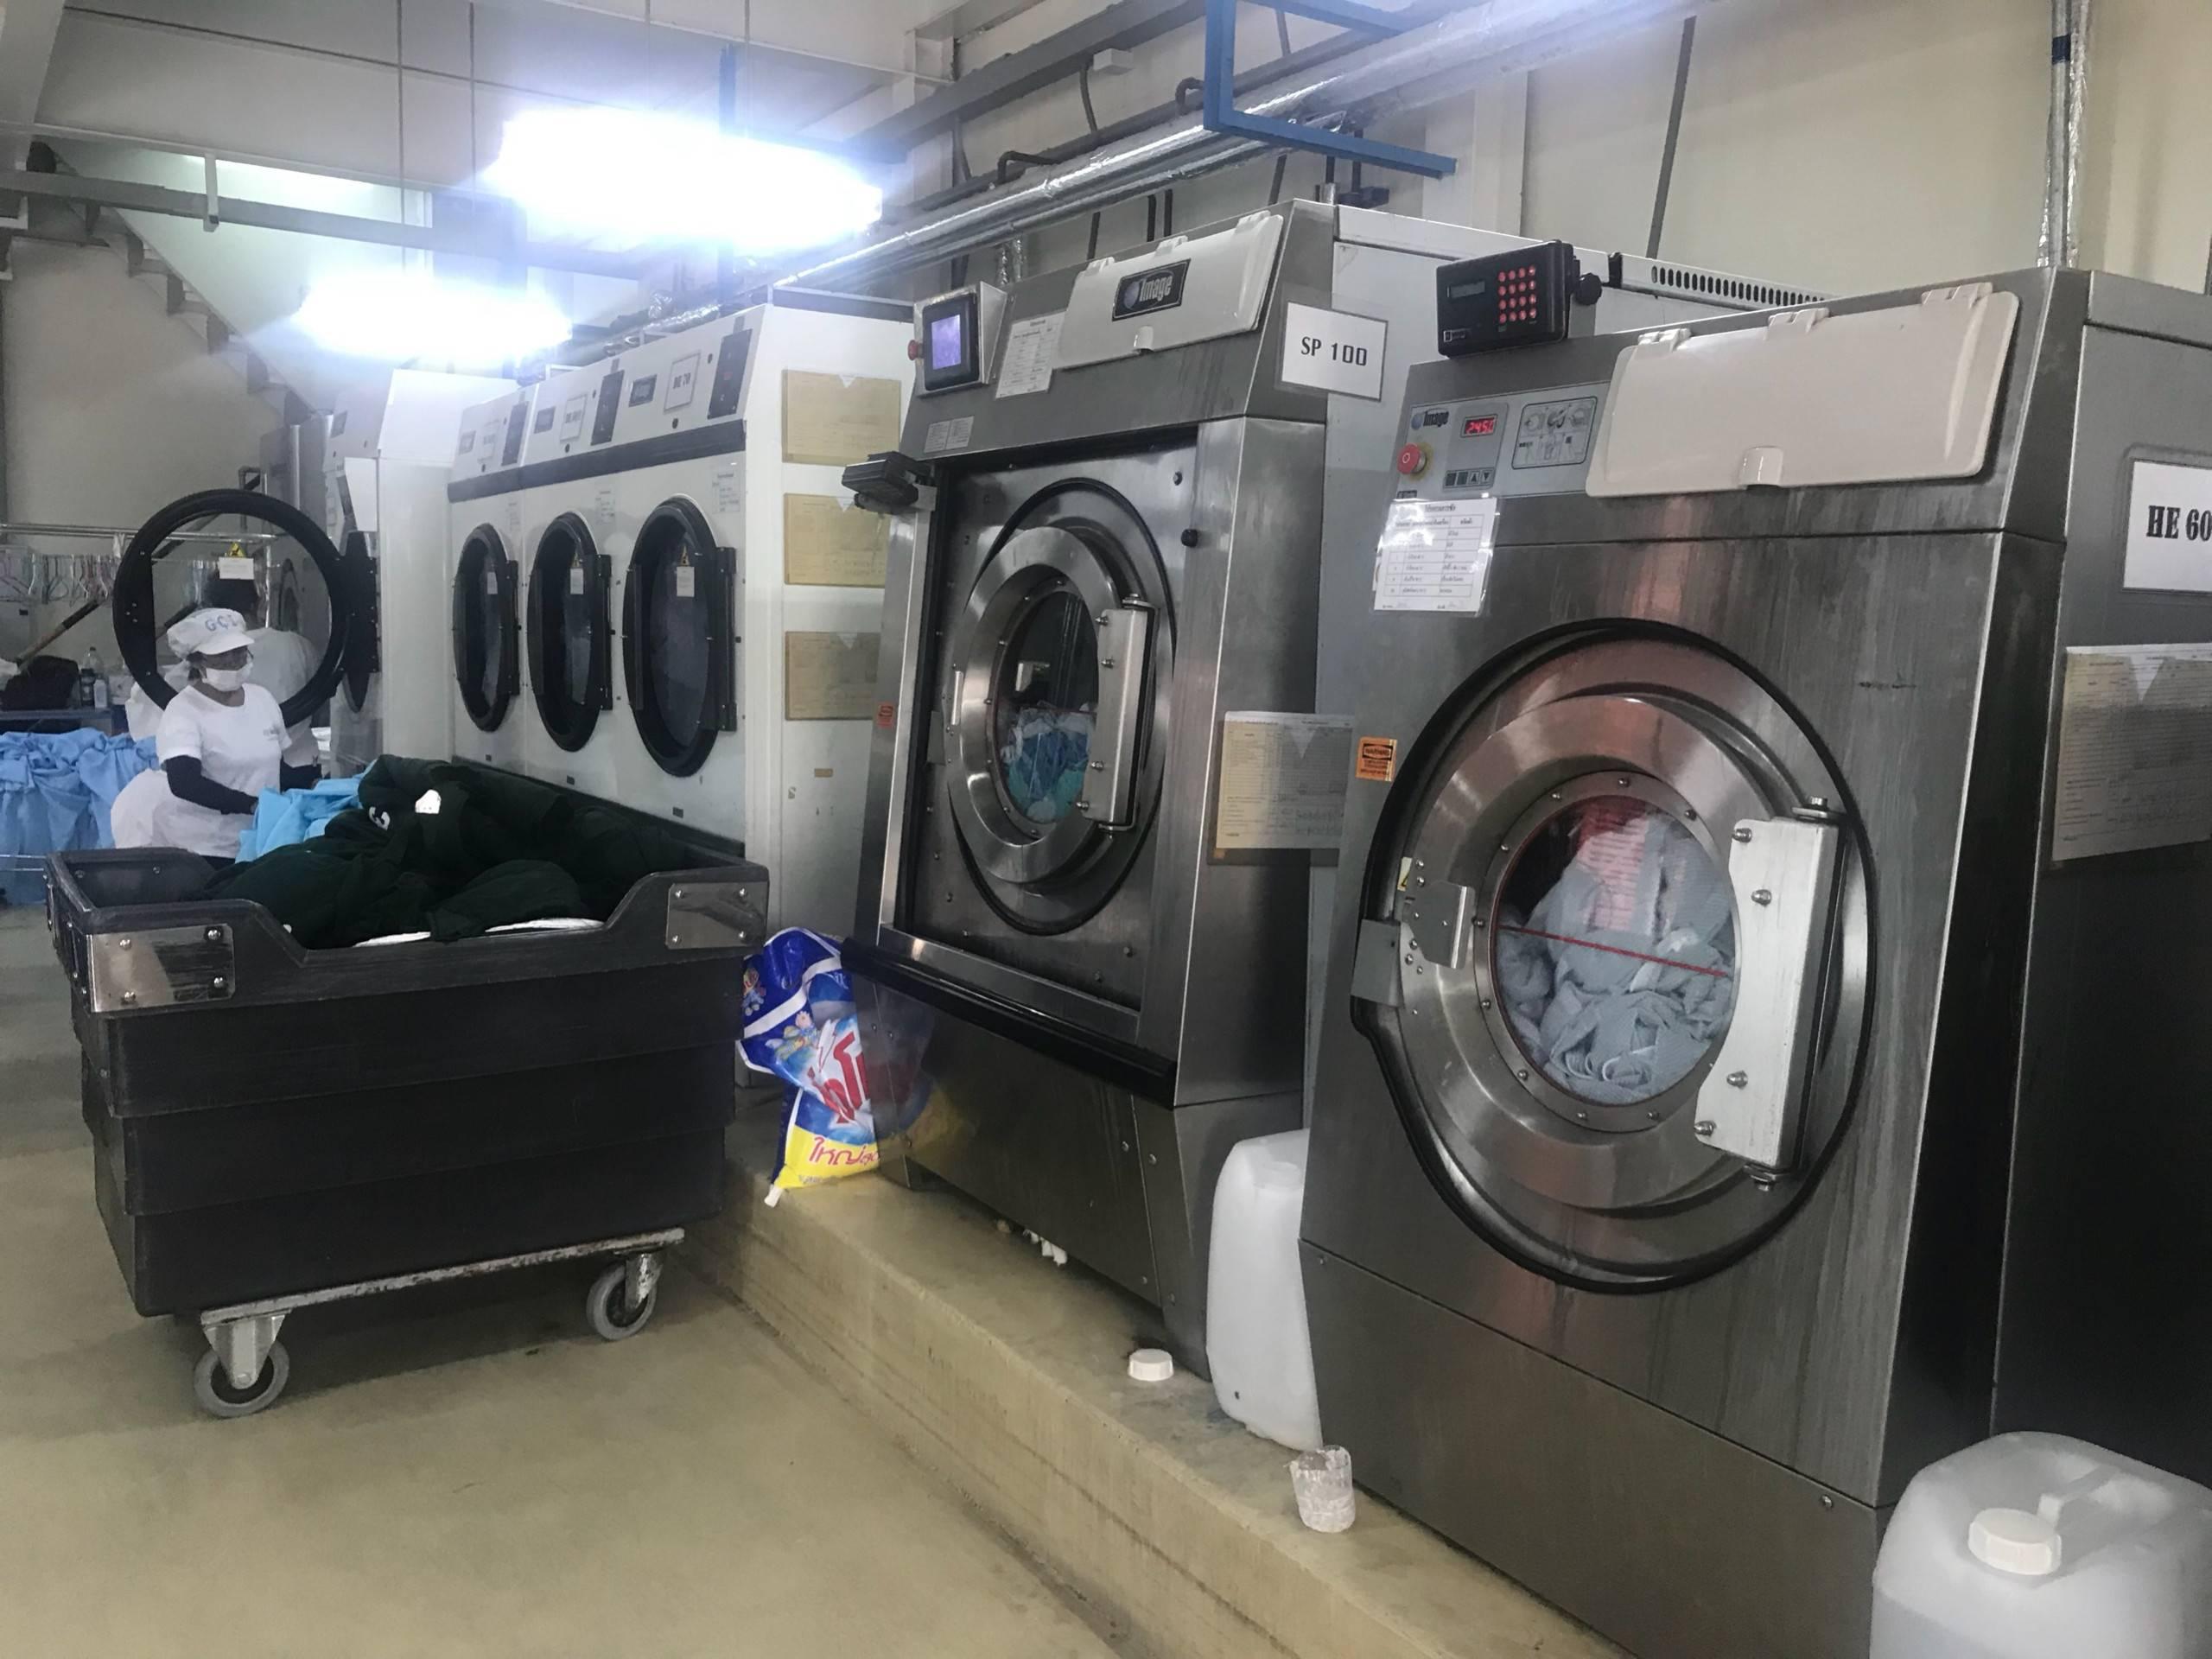 z1016081040580 5dbab3e8943dac92cc0d70e79454e22b 1 - Máy giặt công nghiệp tại Đà Nẵng - Máy giặt nhập khẩu chính hãng